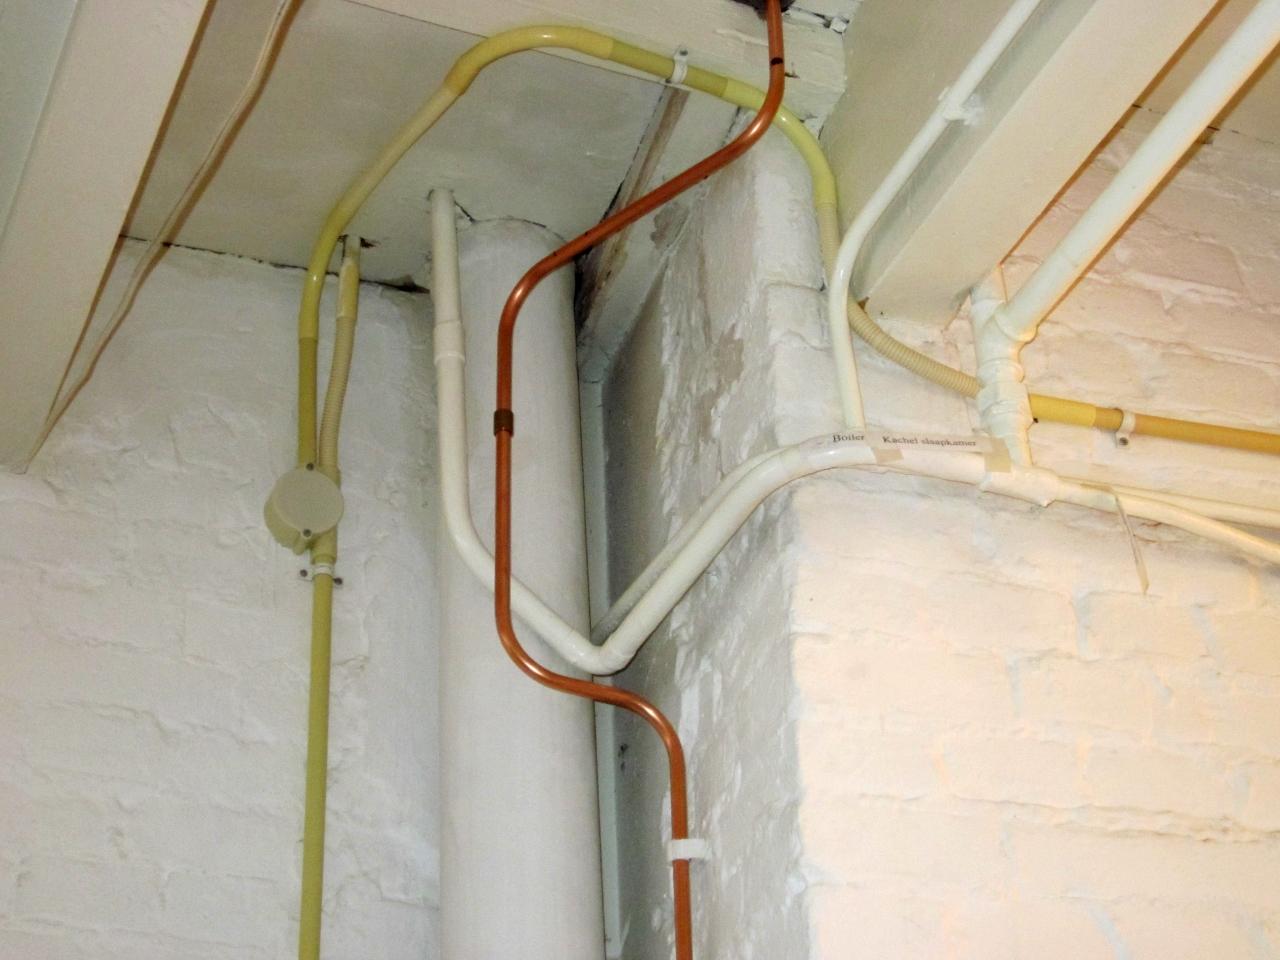 Lekkage boiler keuken dakreiniging c andr cleaning en renovatie